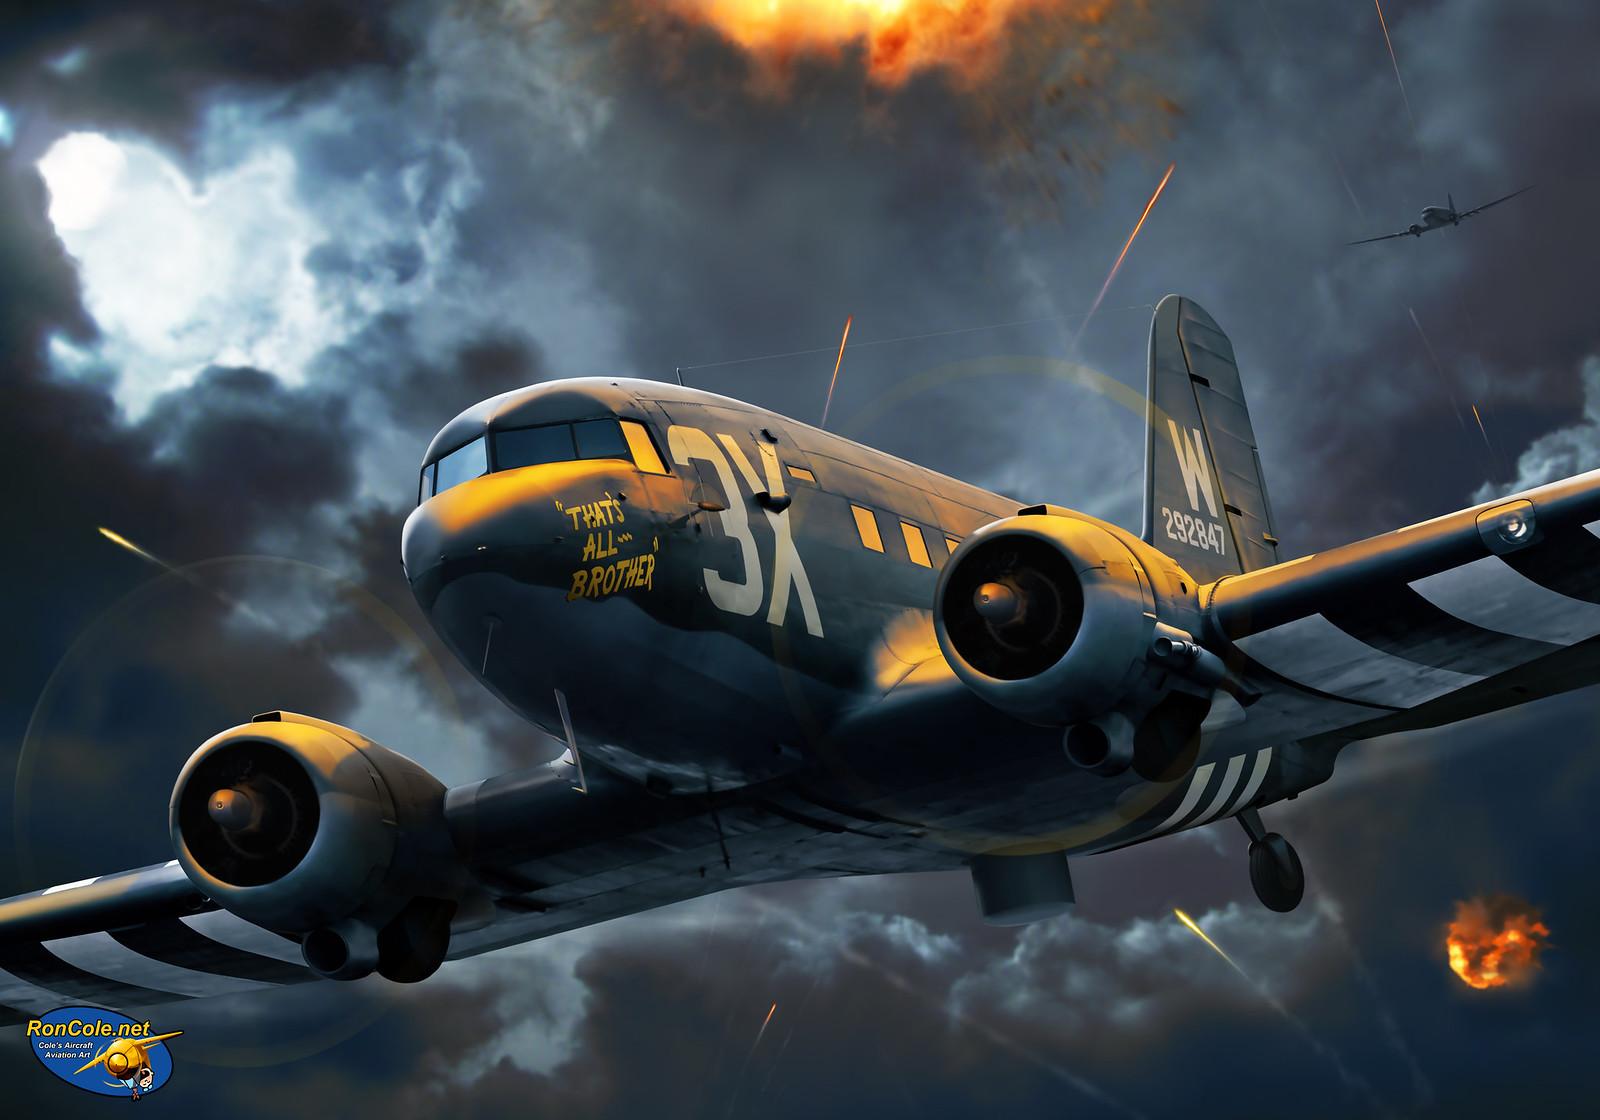 рисунок C-47 'That's All Brother'